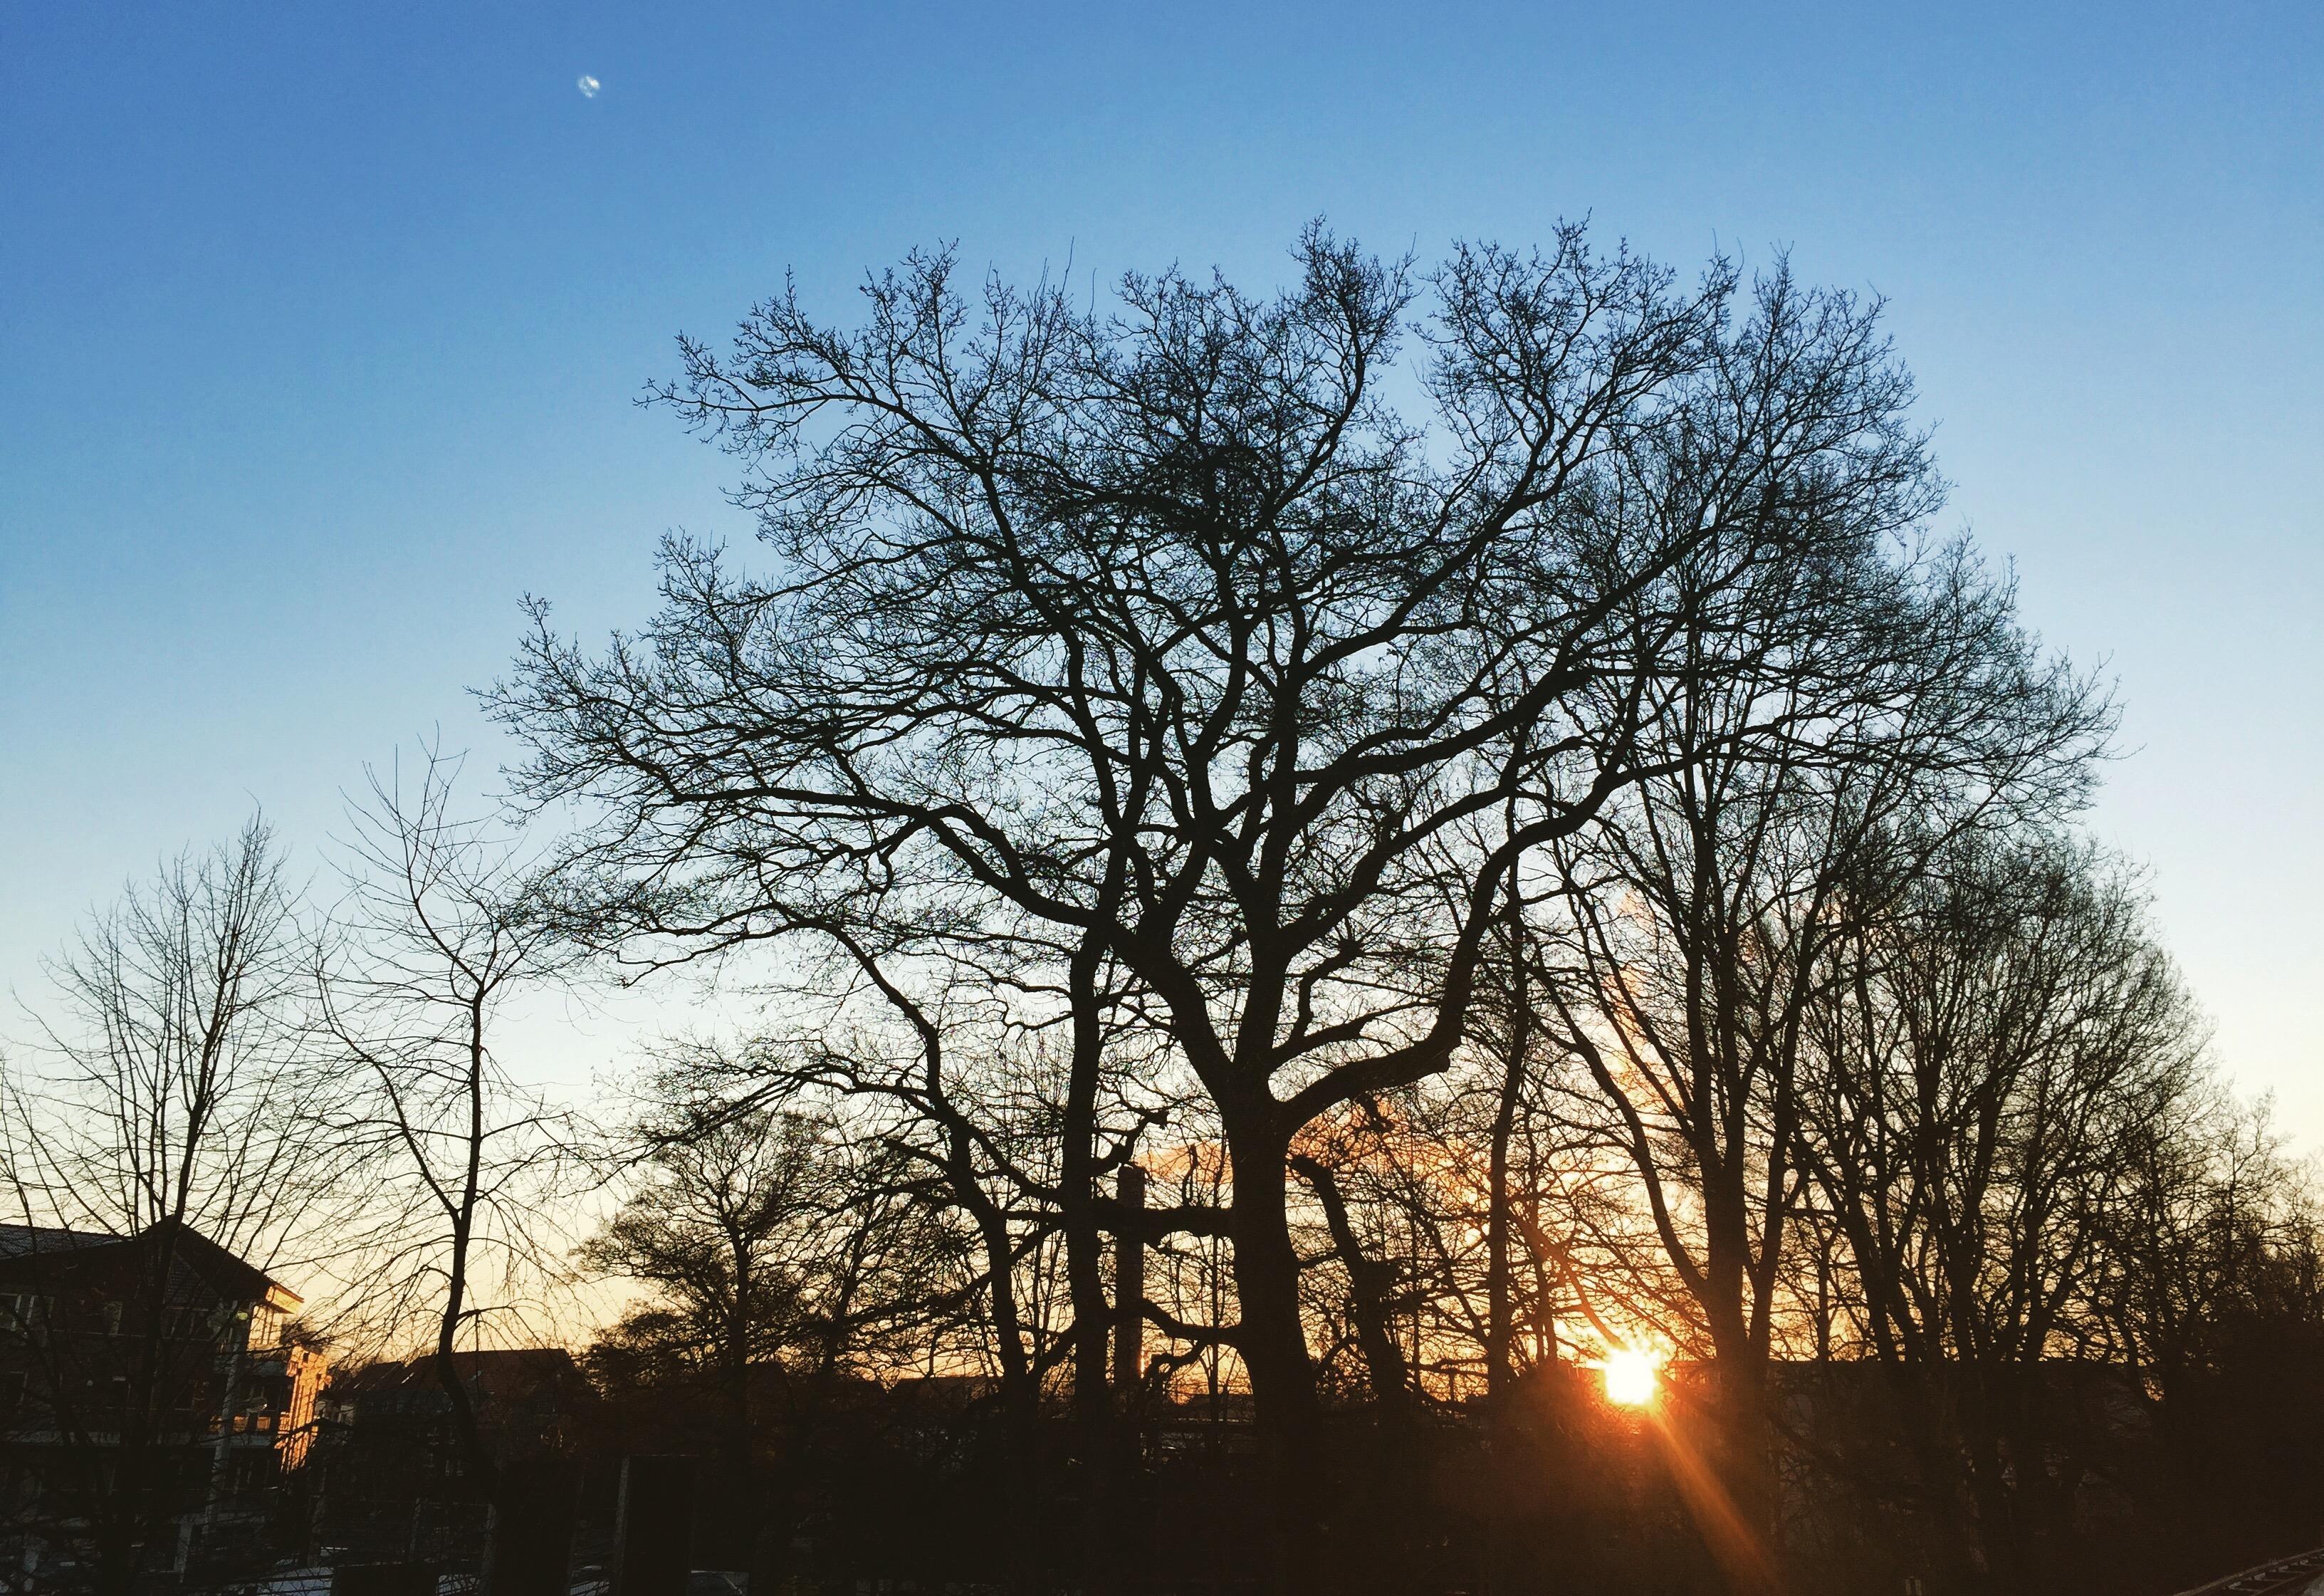 Sonnenaufgang | schokotexte.de